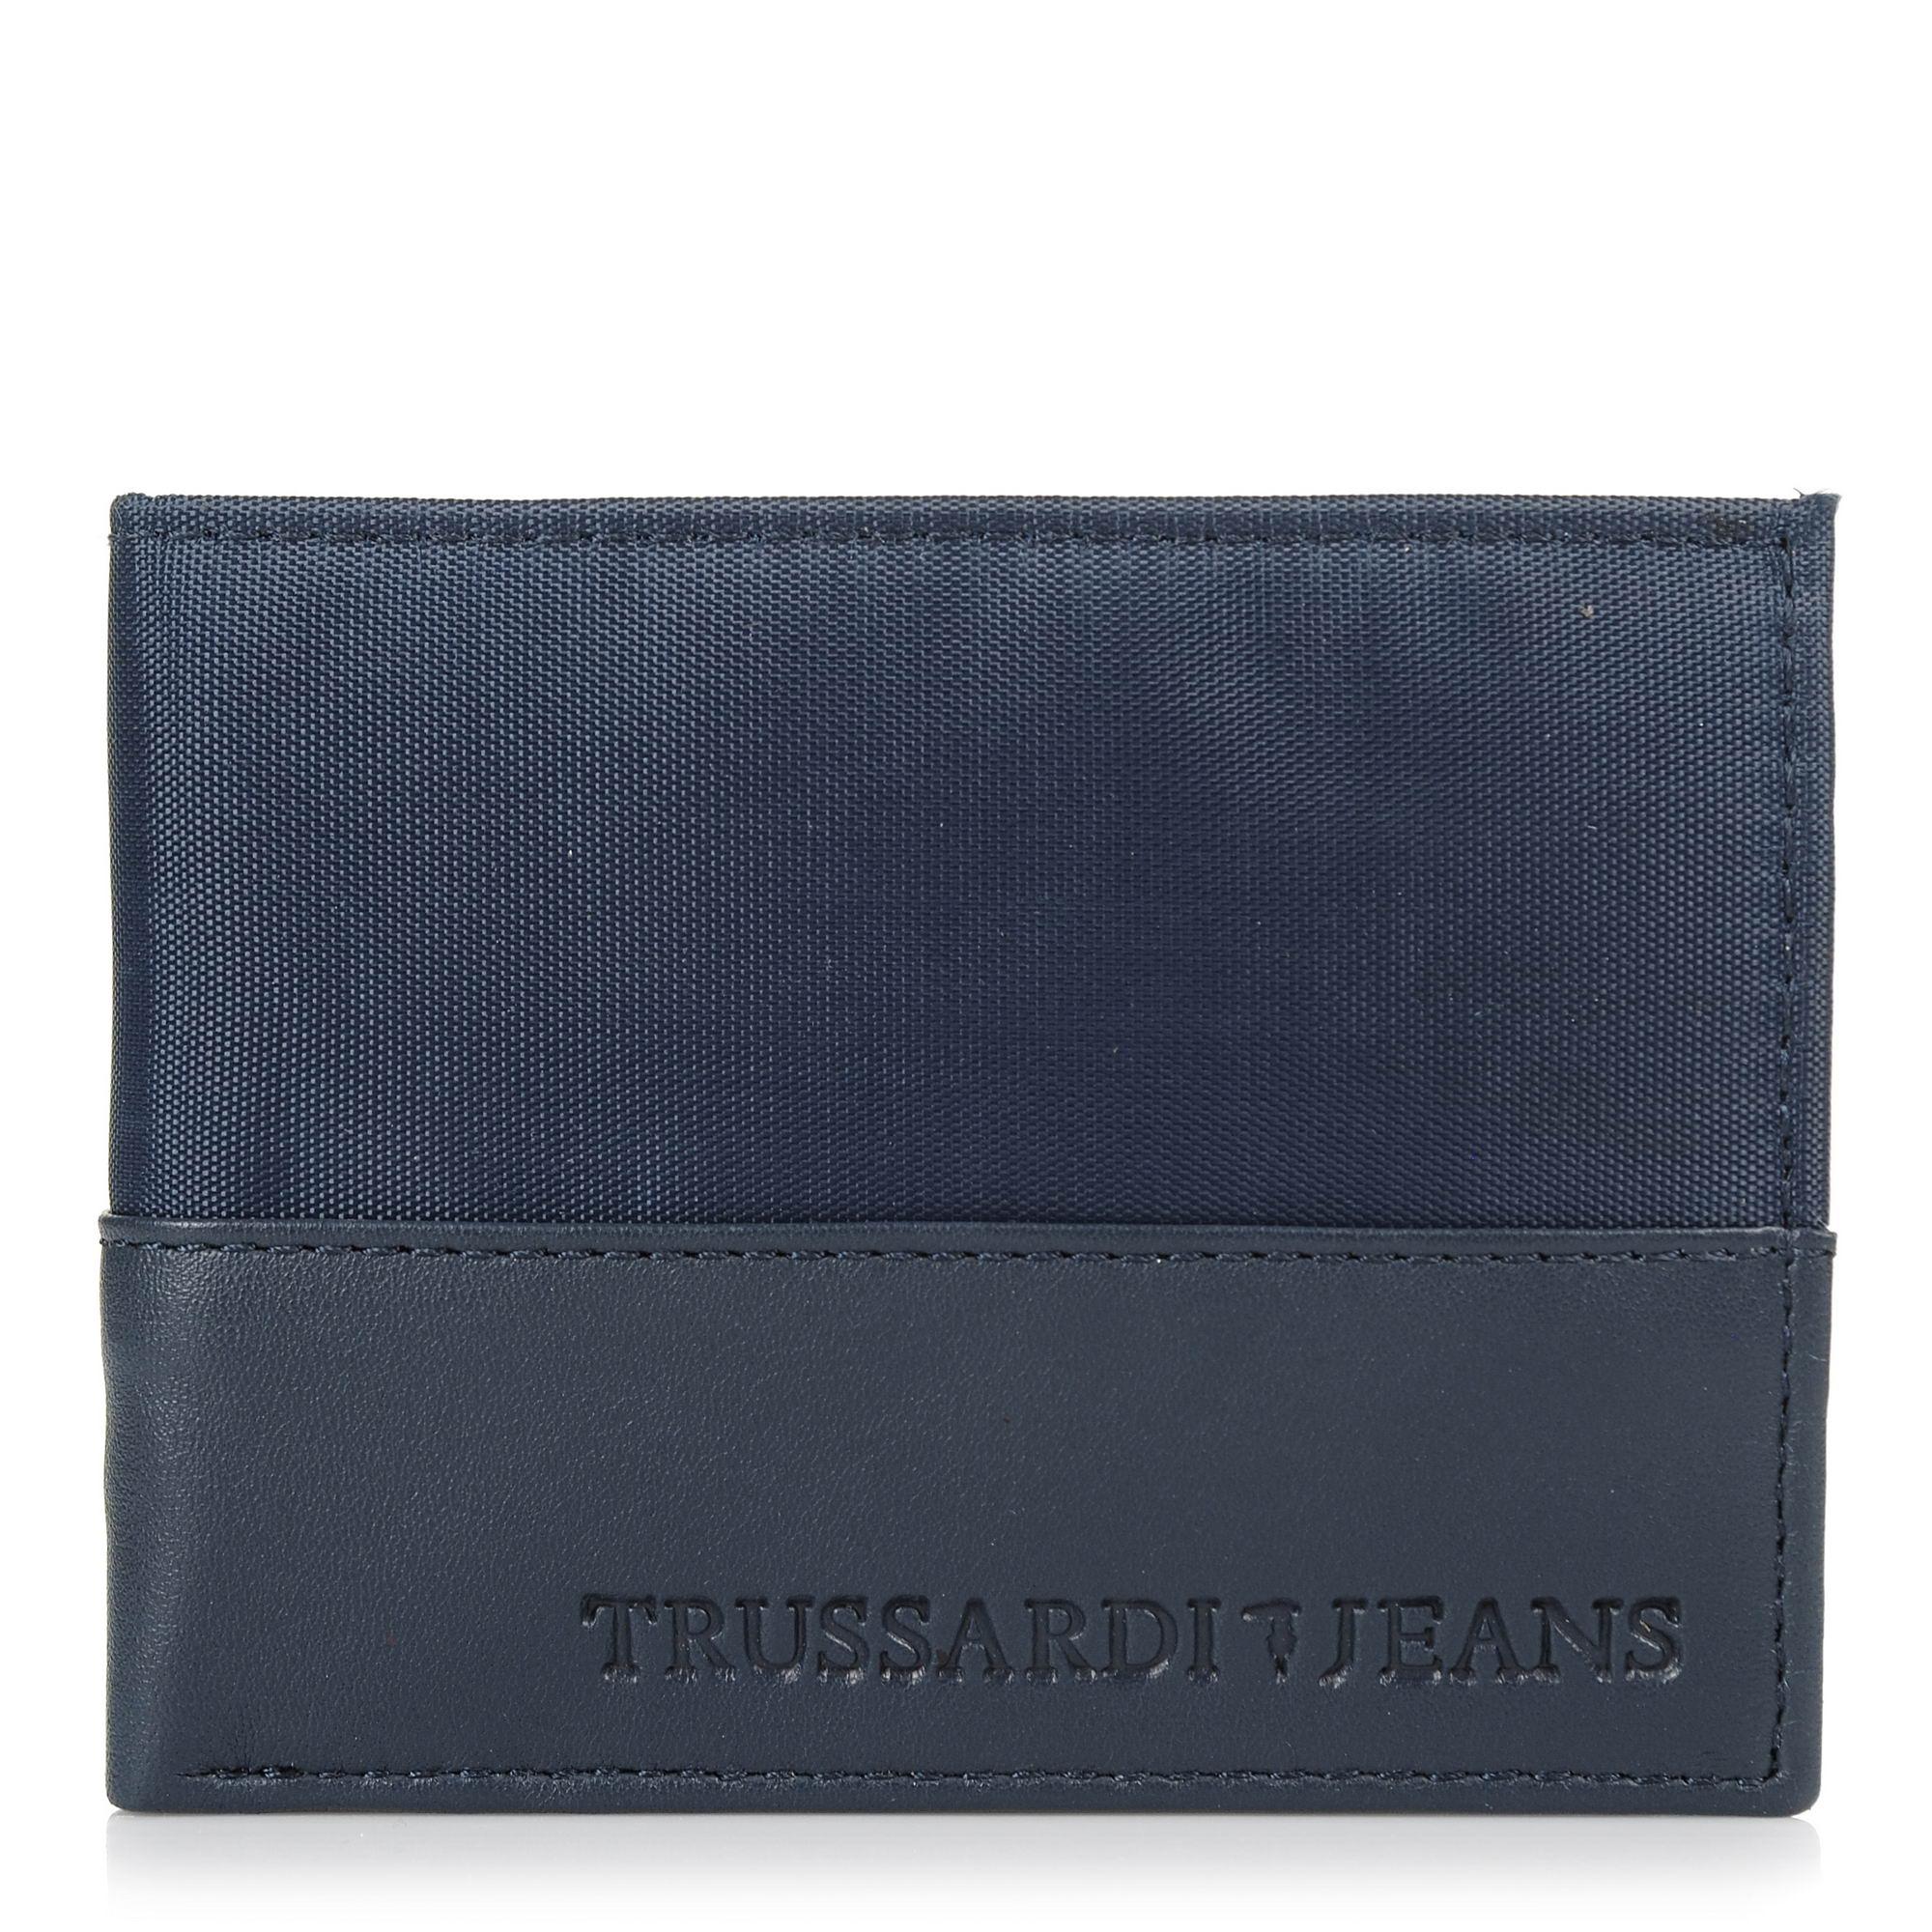 Δερμάτινο Πορτοφόλι Trussardi Jeans Wallet Credit Card Coin Pocket 71W00004 ανδρας   ανδρικό πορτοφόλι